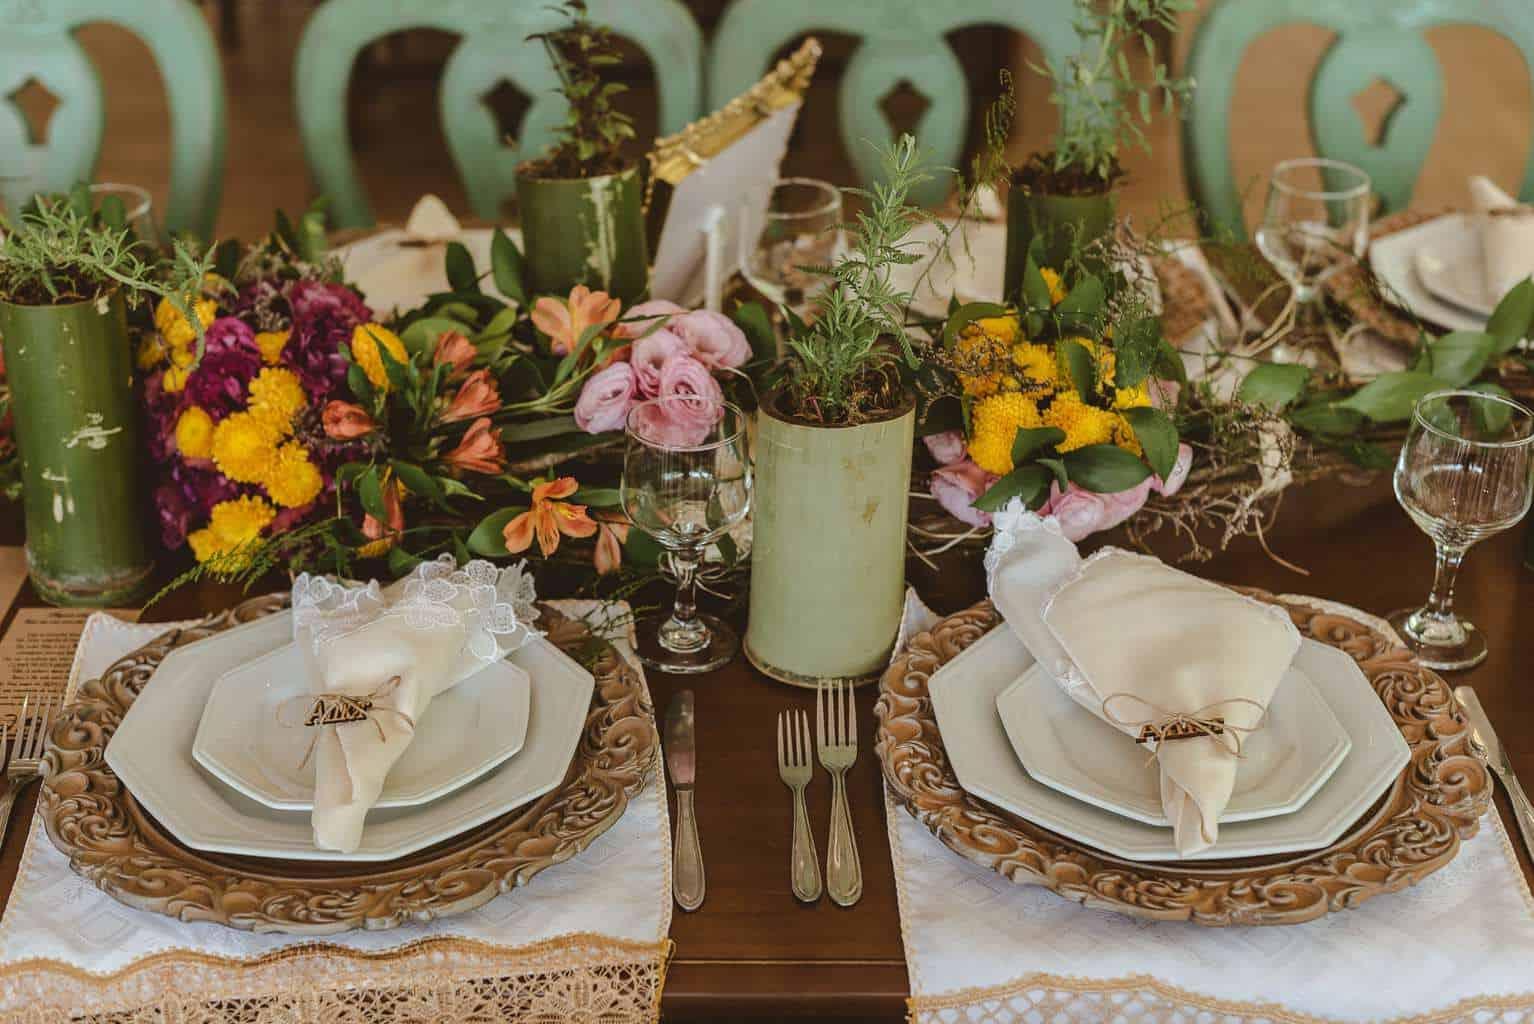 casamento-ao-ar-livre-casamento-boho-casamento-geek-casamento-rustico-casamento-Thais-e-Pedro-decoração-Revoar-Fotografia-Villa-Borghese-Eventos-14